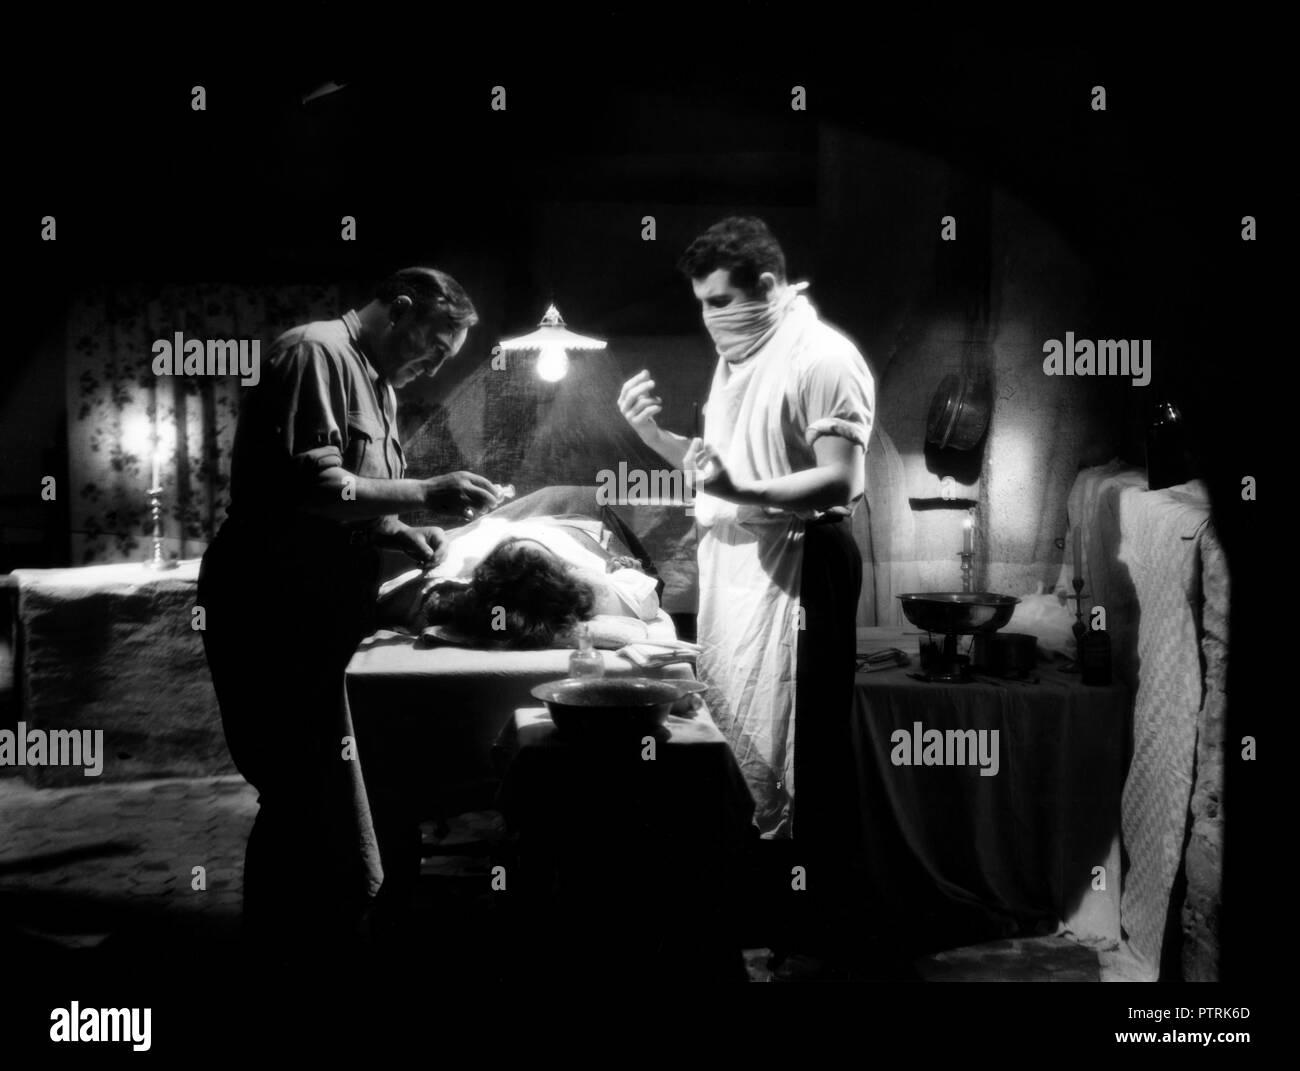 Prod DB © B.C.M. - La France en Marche / DR LE DIABLE SOUFFLE de Edmond T. Greville 1947 FRA. Charles Vanel Jean Chevrier. chirurgien; surgeon; operation chirurgicale; surgery - Stock Image